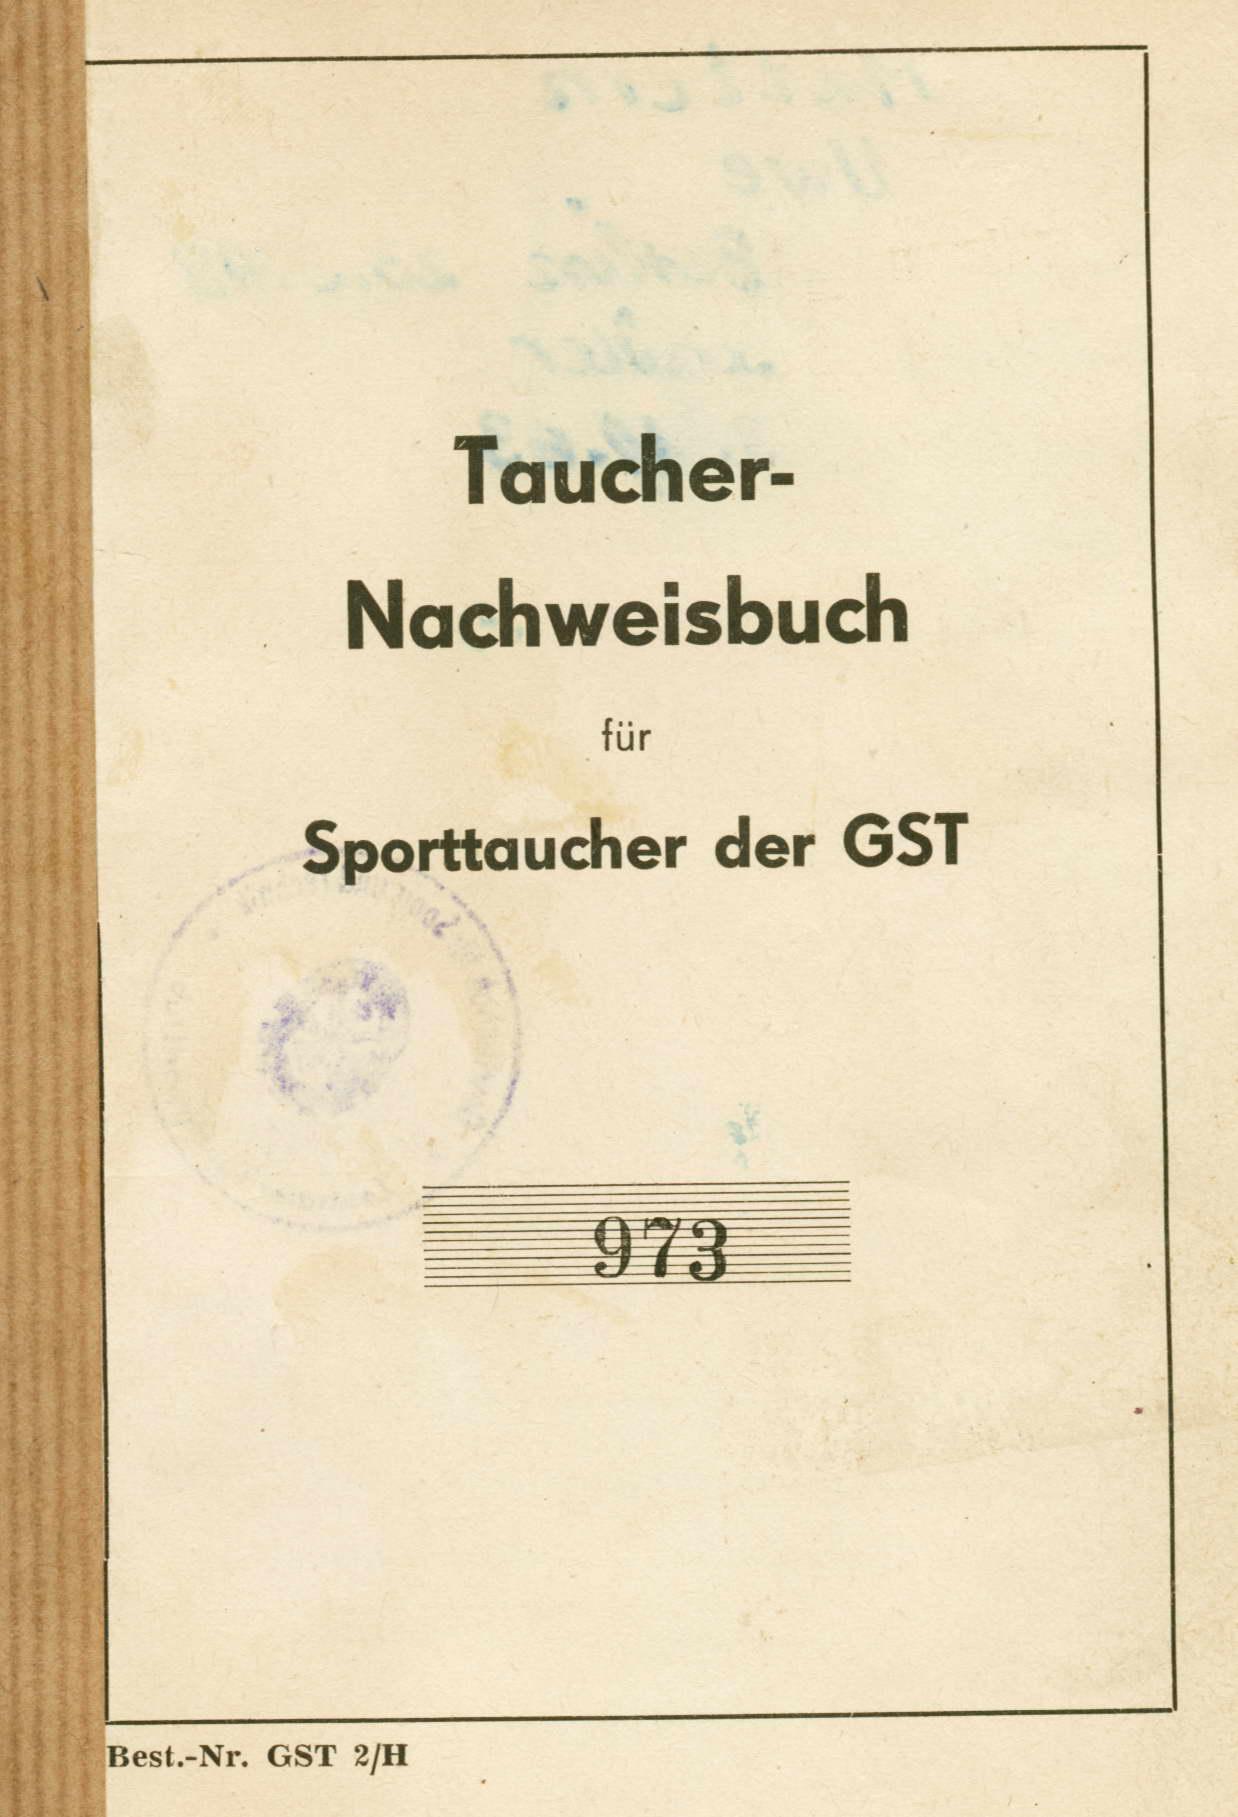 Tolle Treiber Logbuch Vorlage Bilder - Entry Level Resume Vorlagen ...